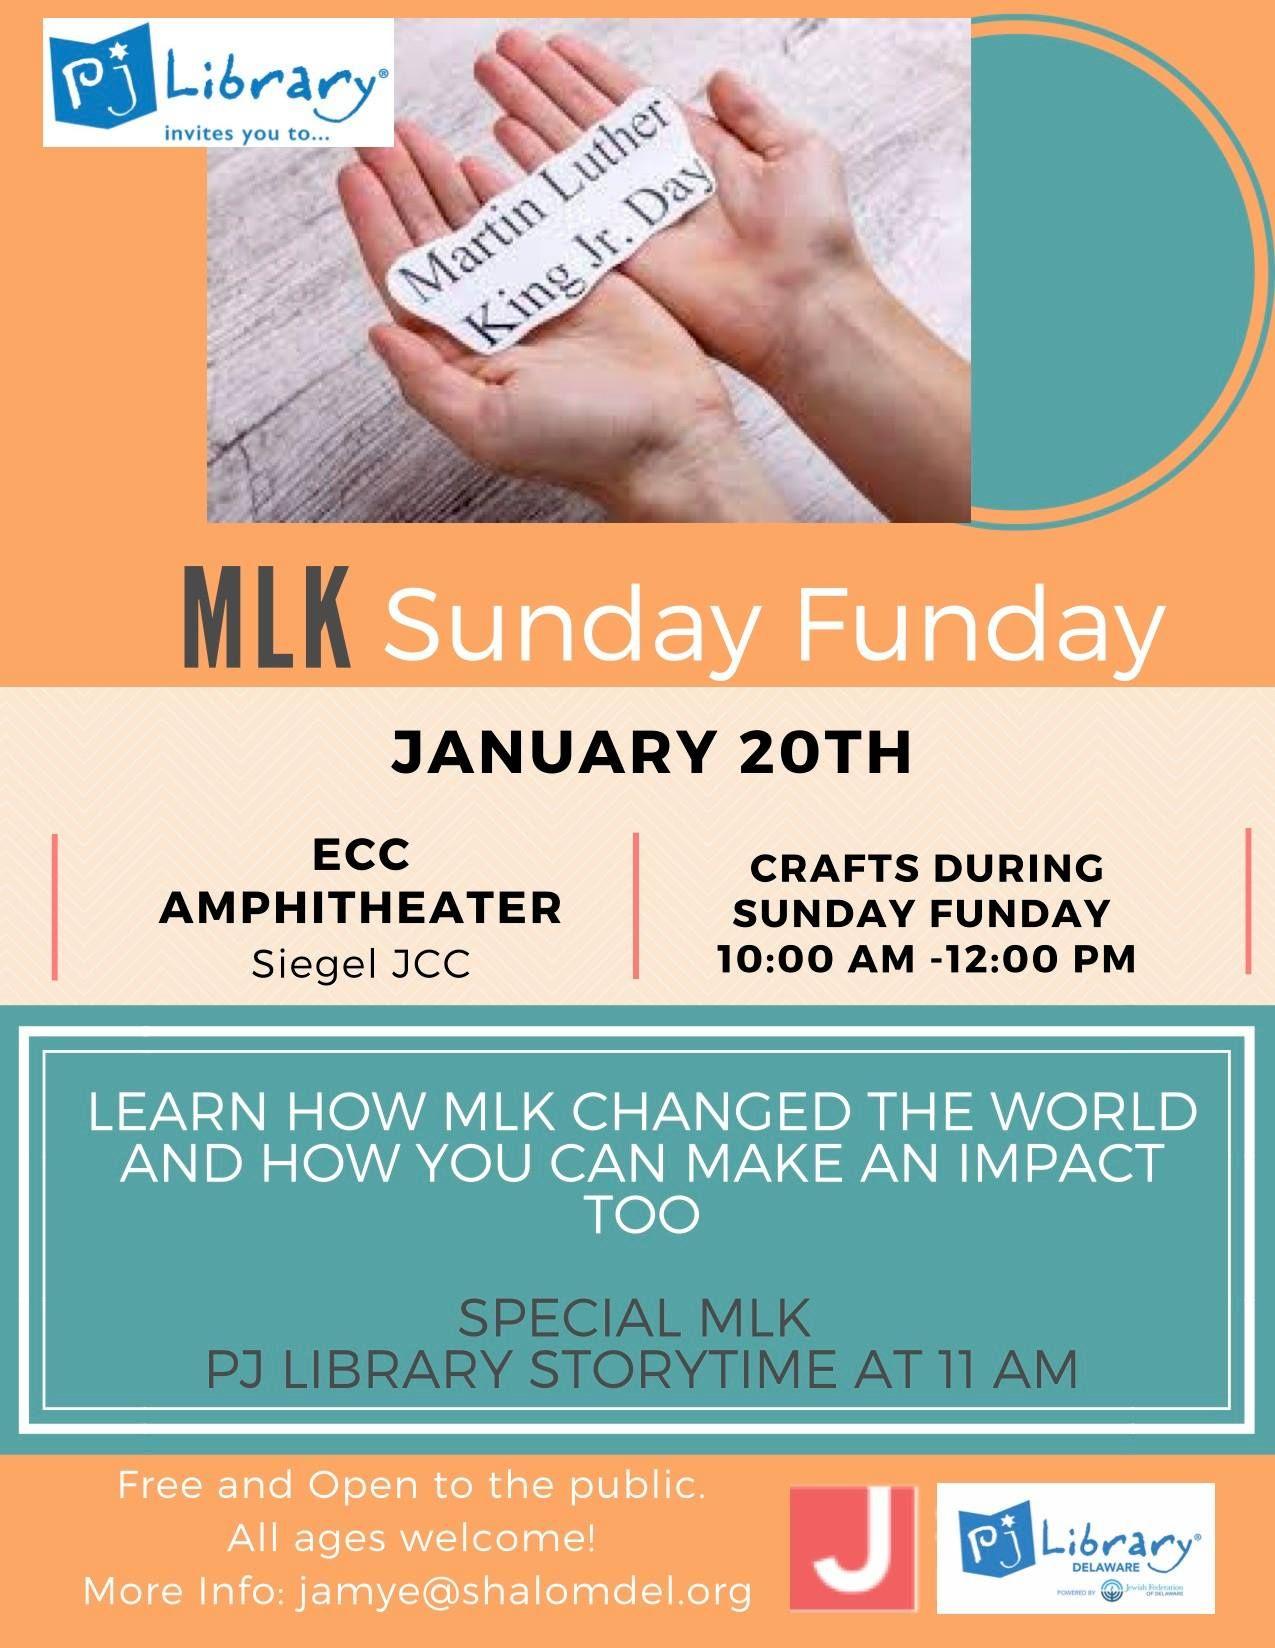 MLK Sunday Funday